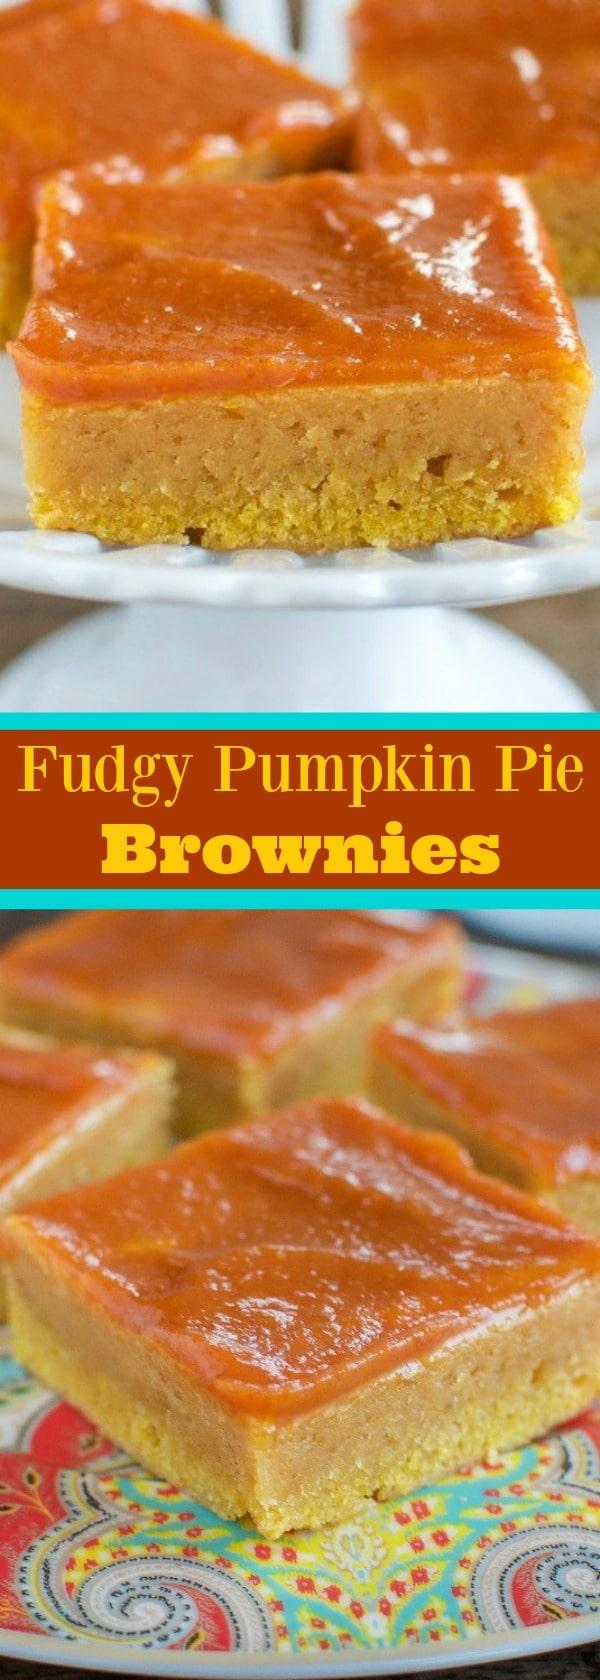 fudgy-pumpkin-pie-brownies